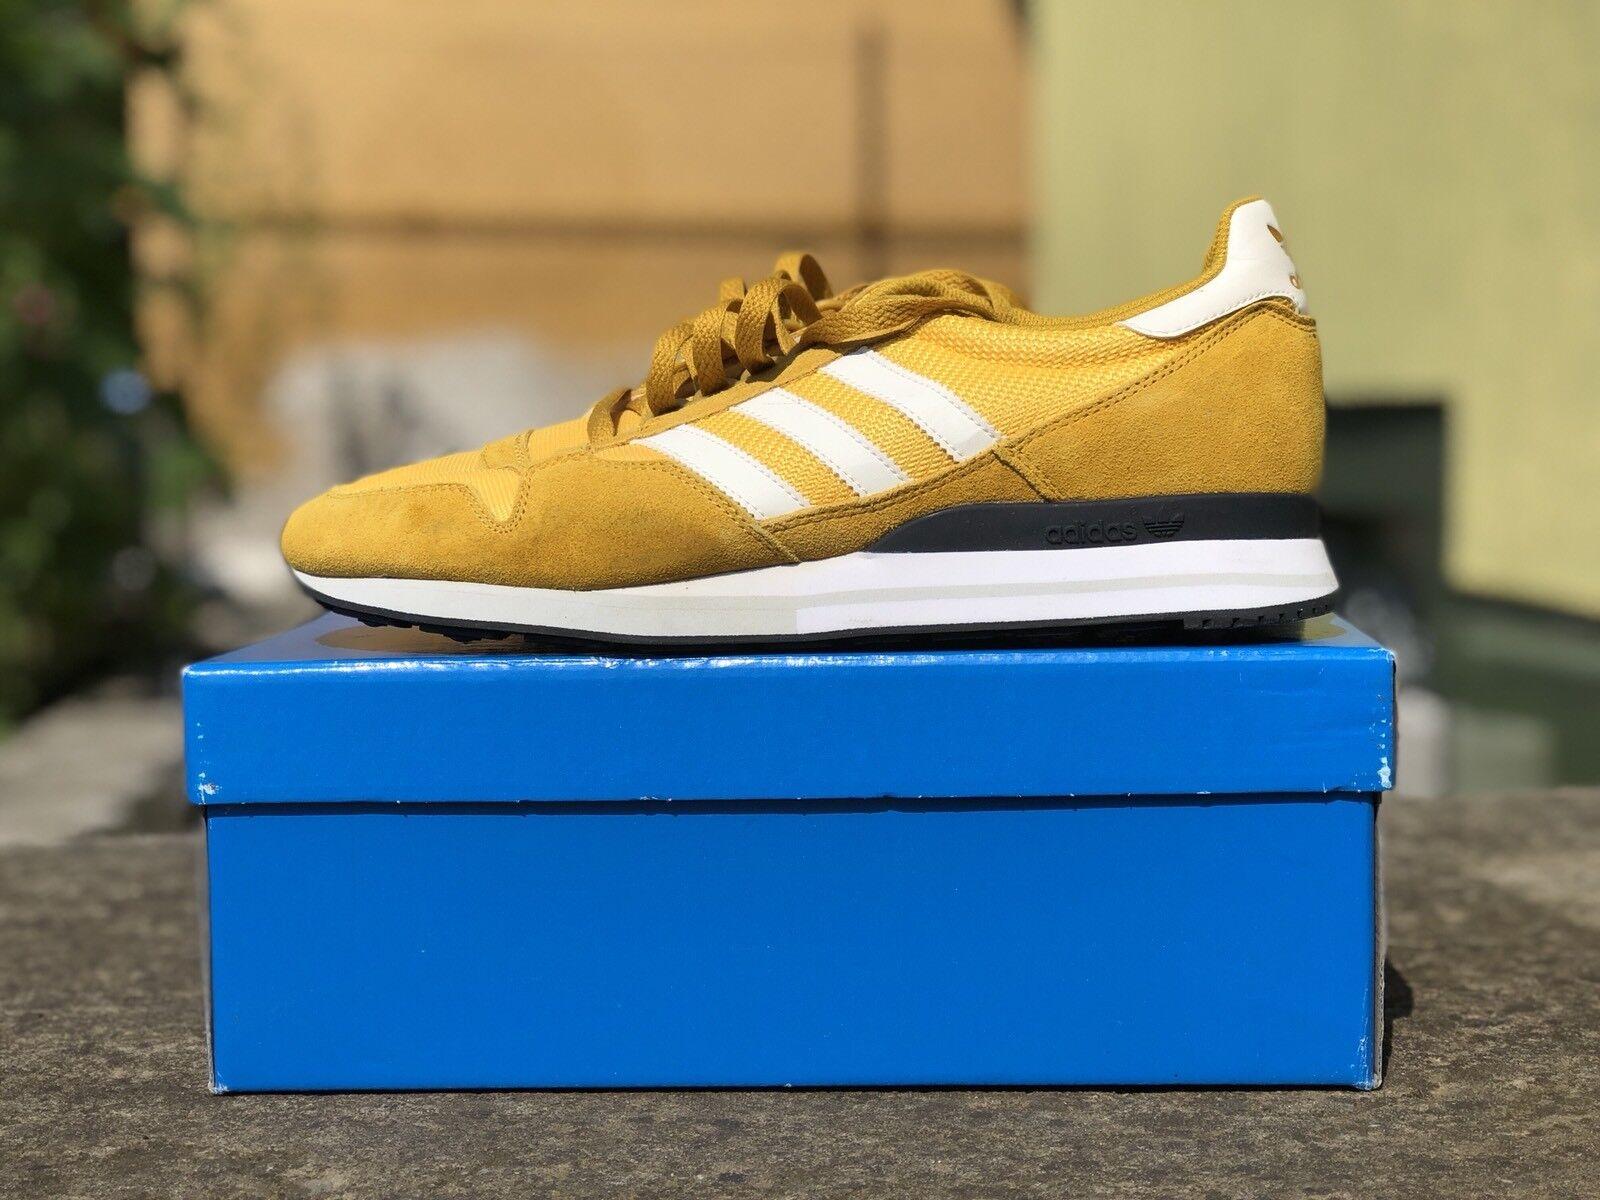 Billig gute Qualität Adidas ZX500 yellow EU45 1/3